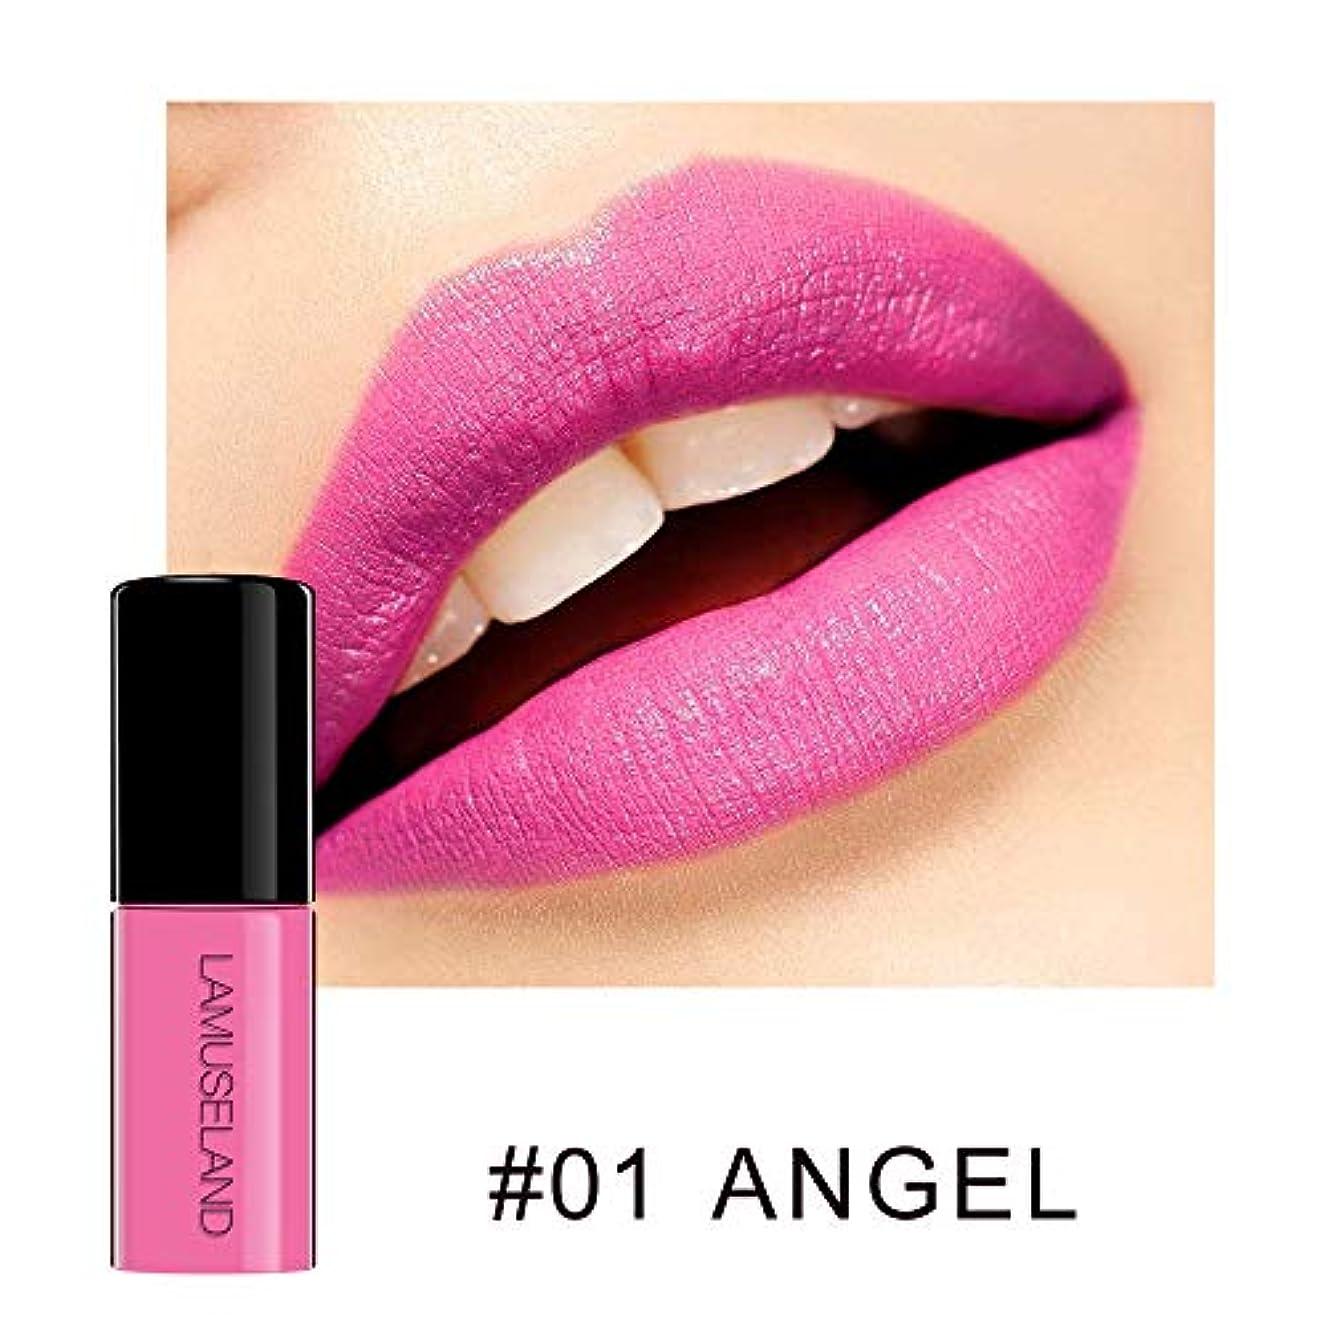 油ビルマリズミカルなMeterMall 防水長続きがする無光沢の液体の口紅の裸の唇の光沢のビロードの唇の色合いの構造 #01 ANGEL 3.5g